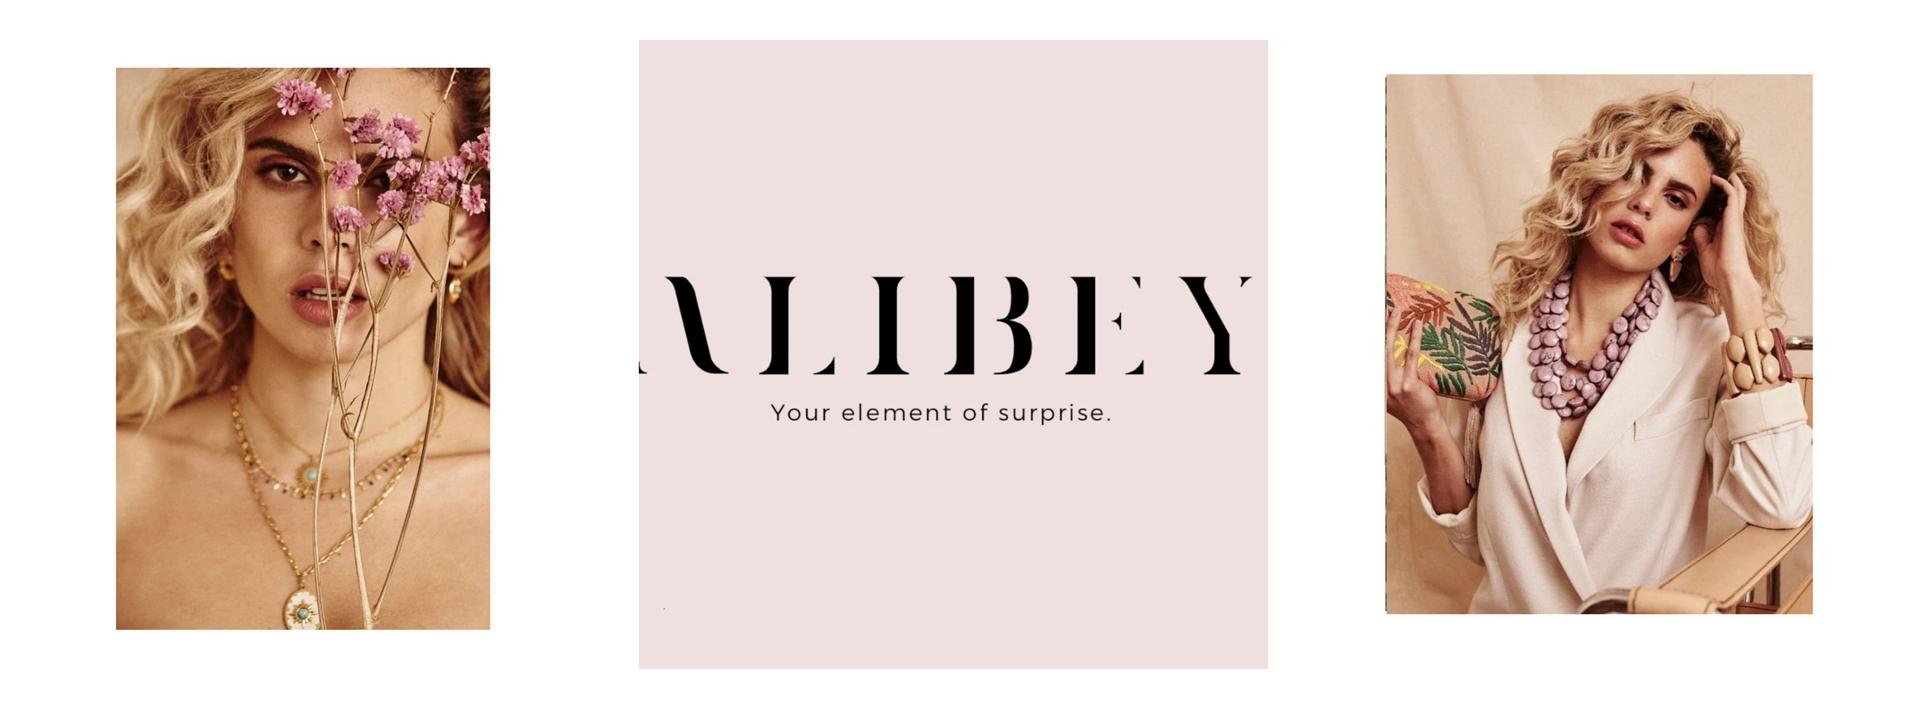 alibey-banner-primavera-verano